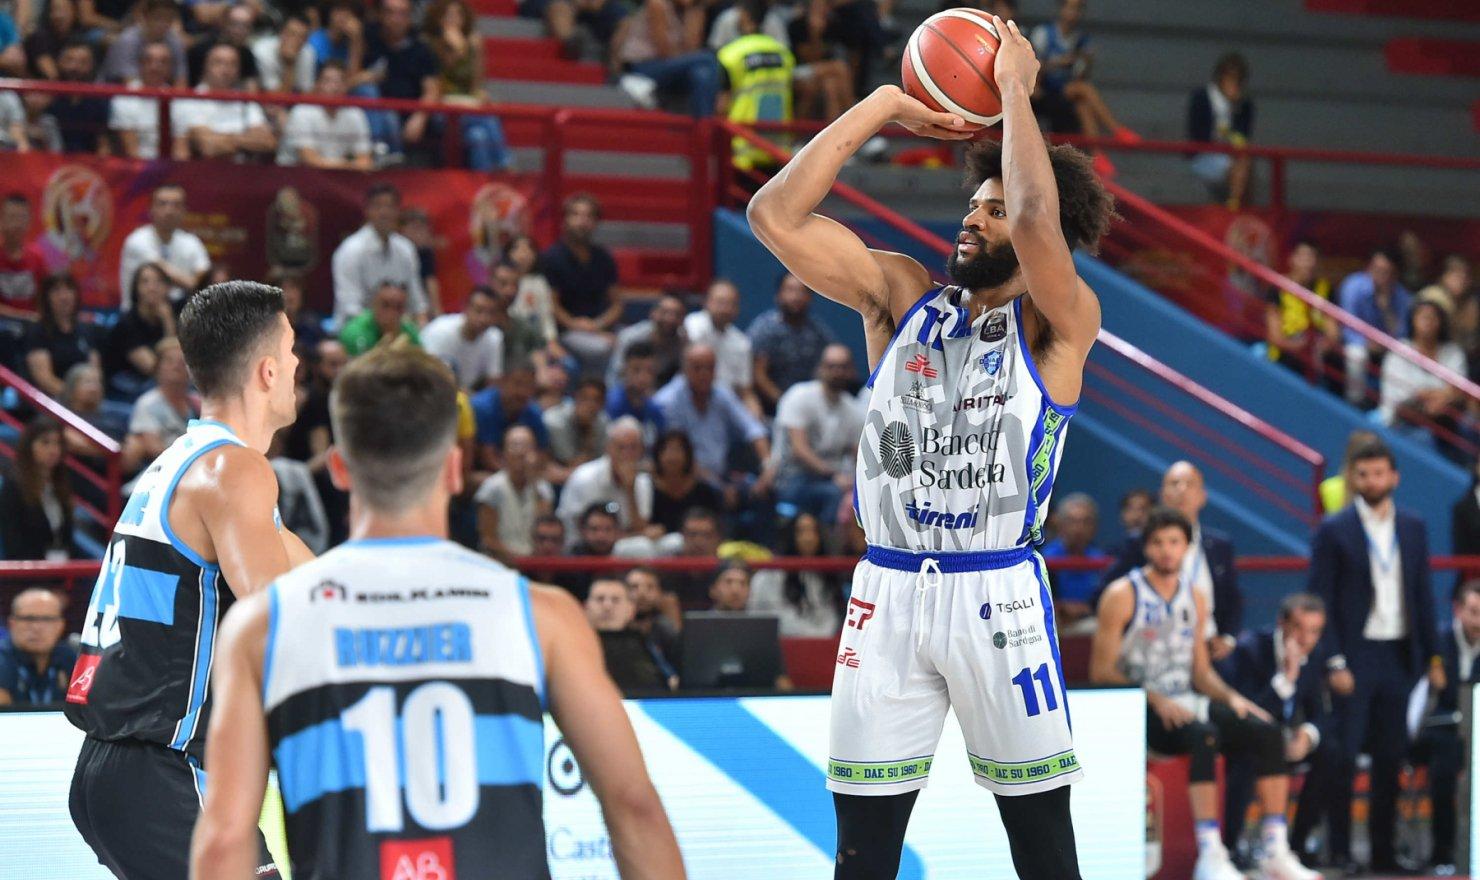 La Dinamo questa sera sfida la Reyer nella finale della Supercoppa Italiana.